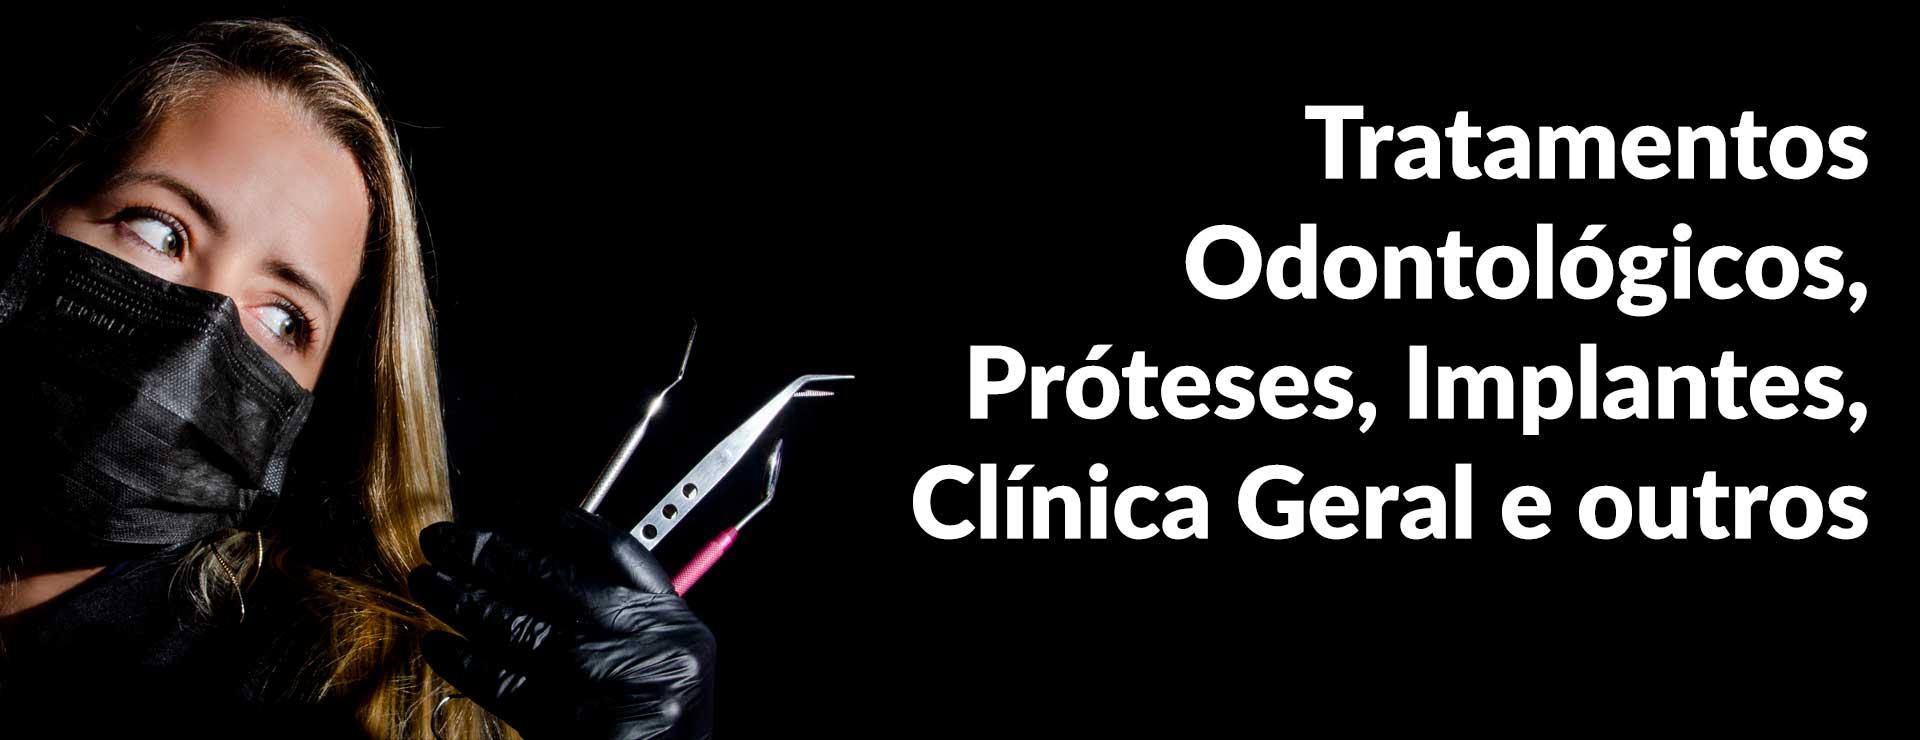 Tratamentos odontológicos, próteses, implantes, Clínica Geral e outros